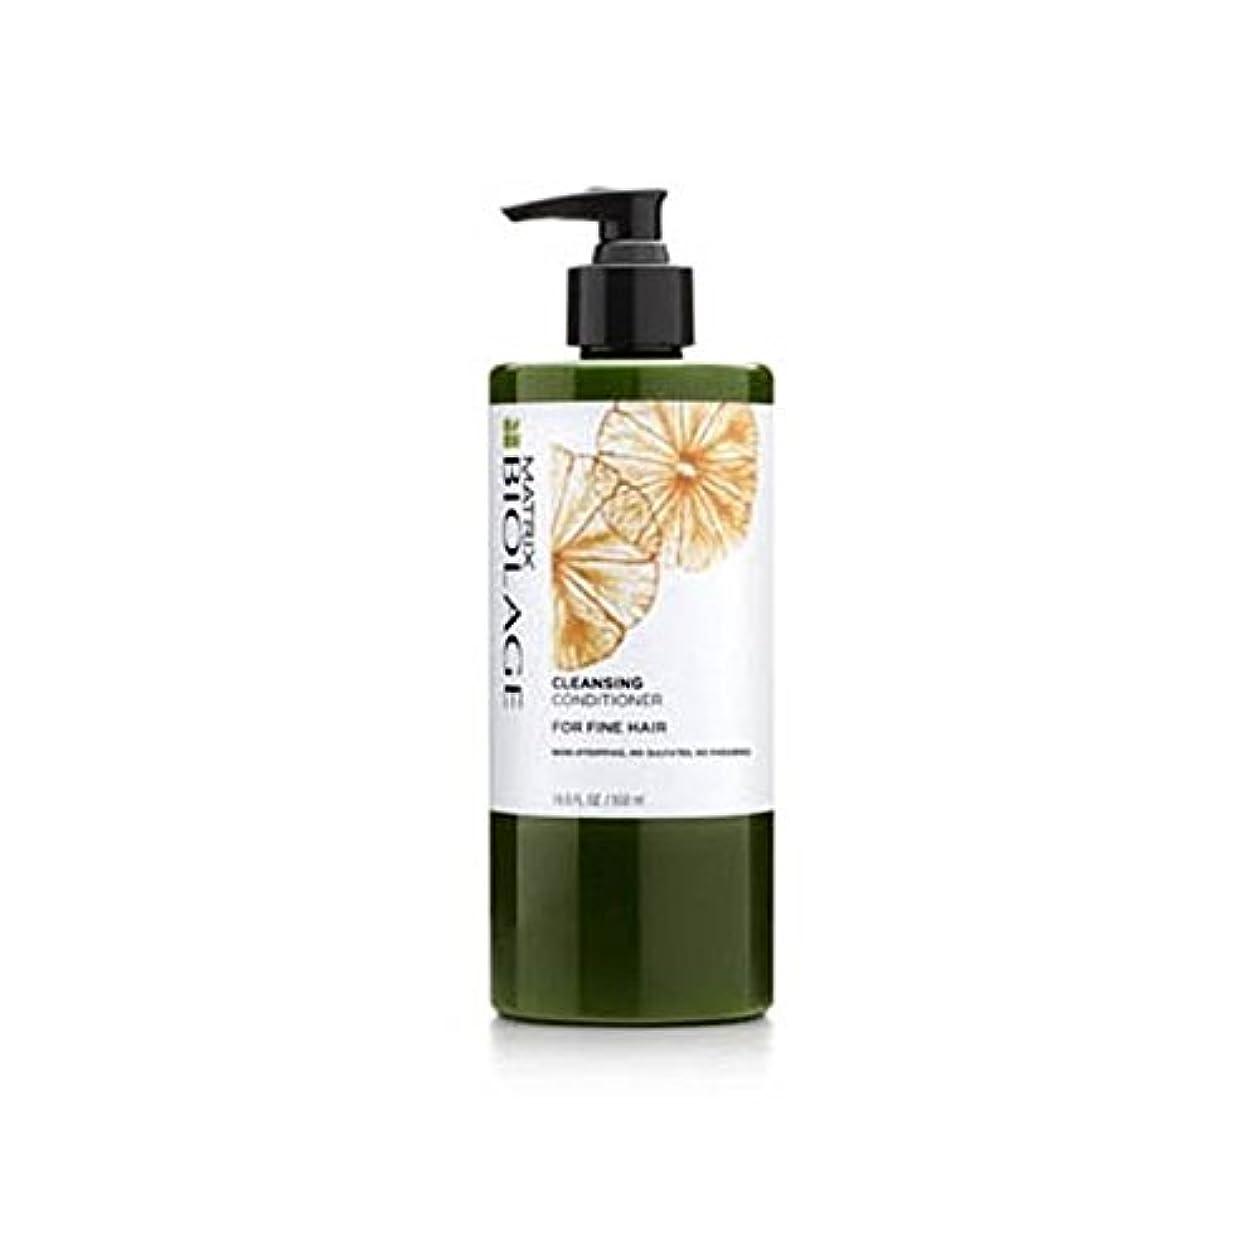 スナップ大人国籍Matrix Biolage Cleansing Conditioner - Fine Hair (500ml) (Pack of 6) - マトリックスバイオレイジクレンジングコンディショナー - 細い髪(500ミリリットル...